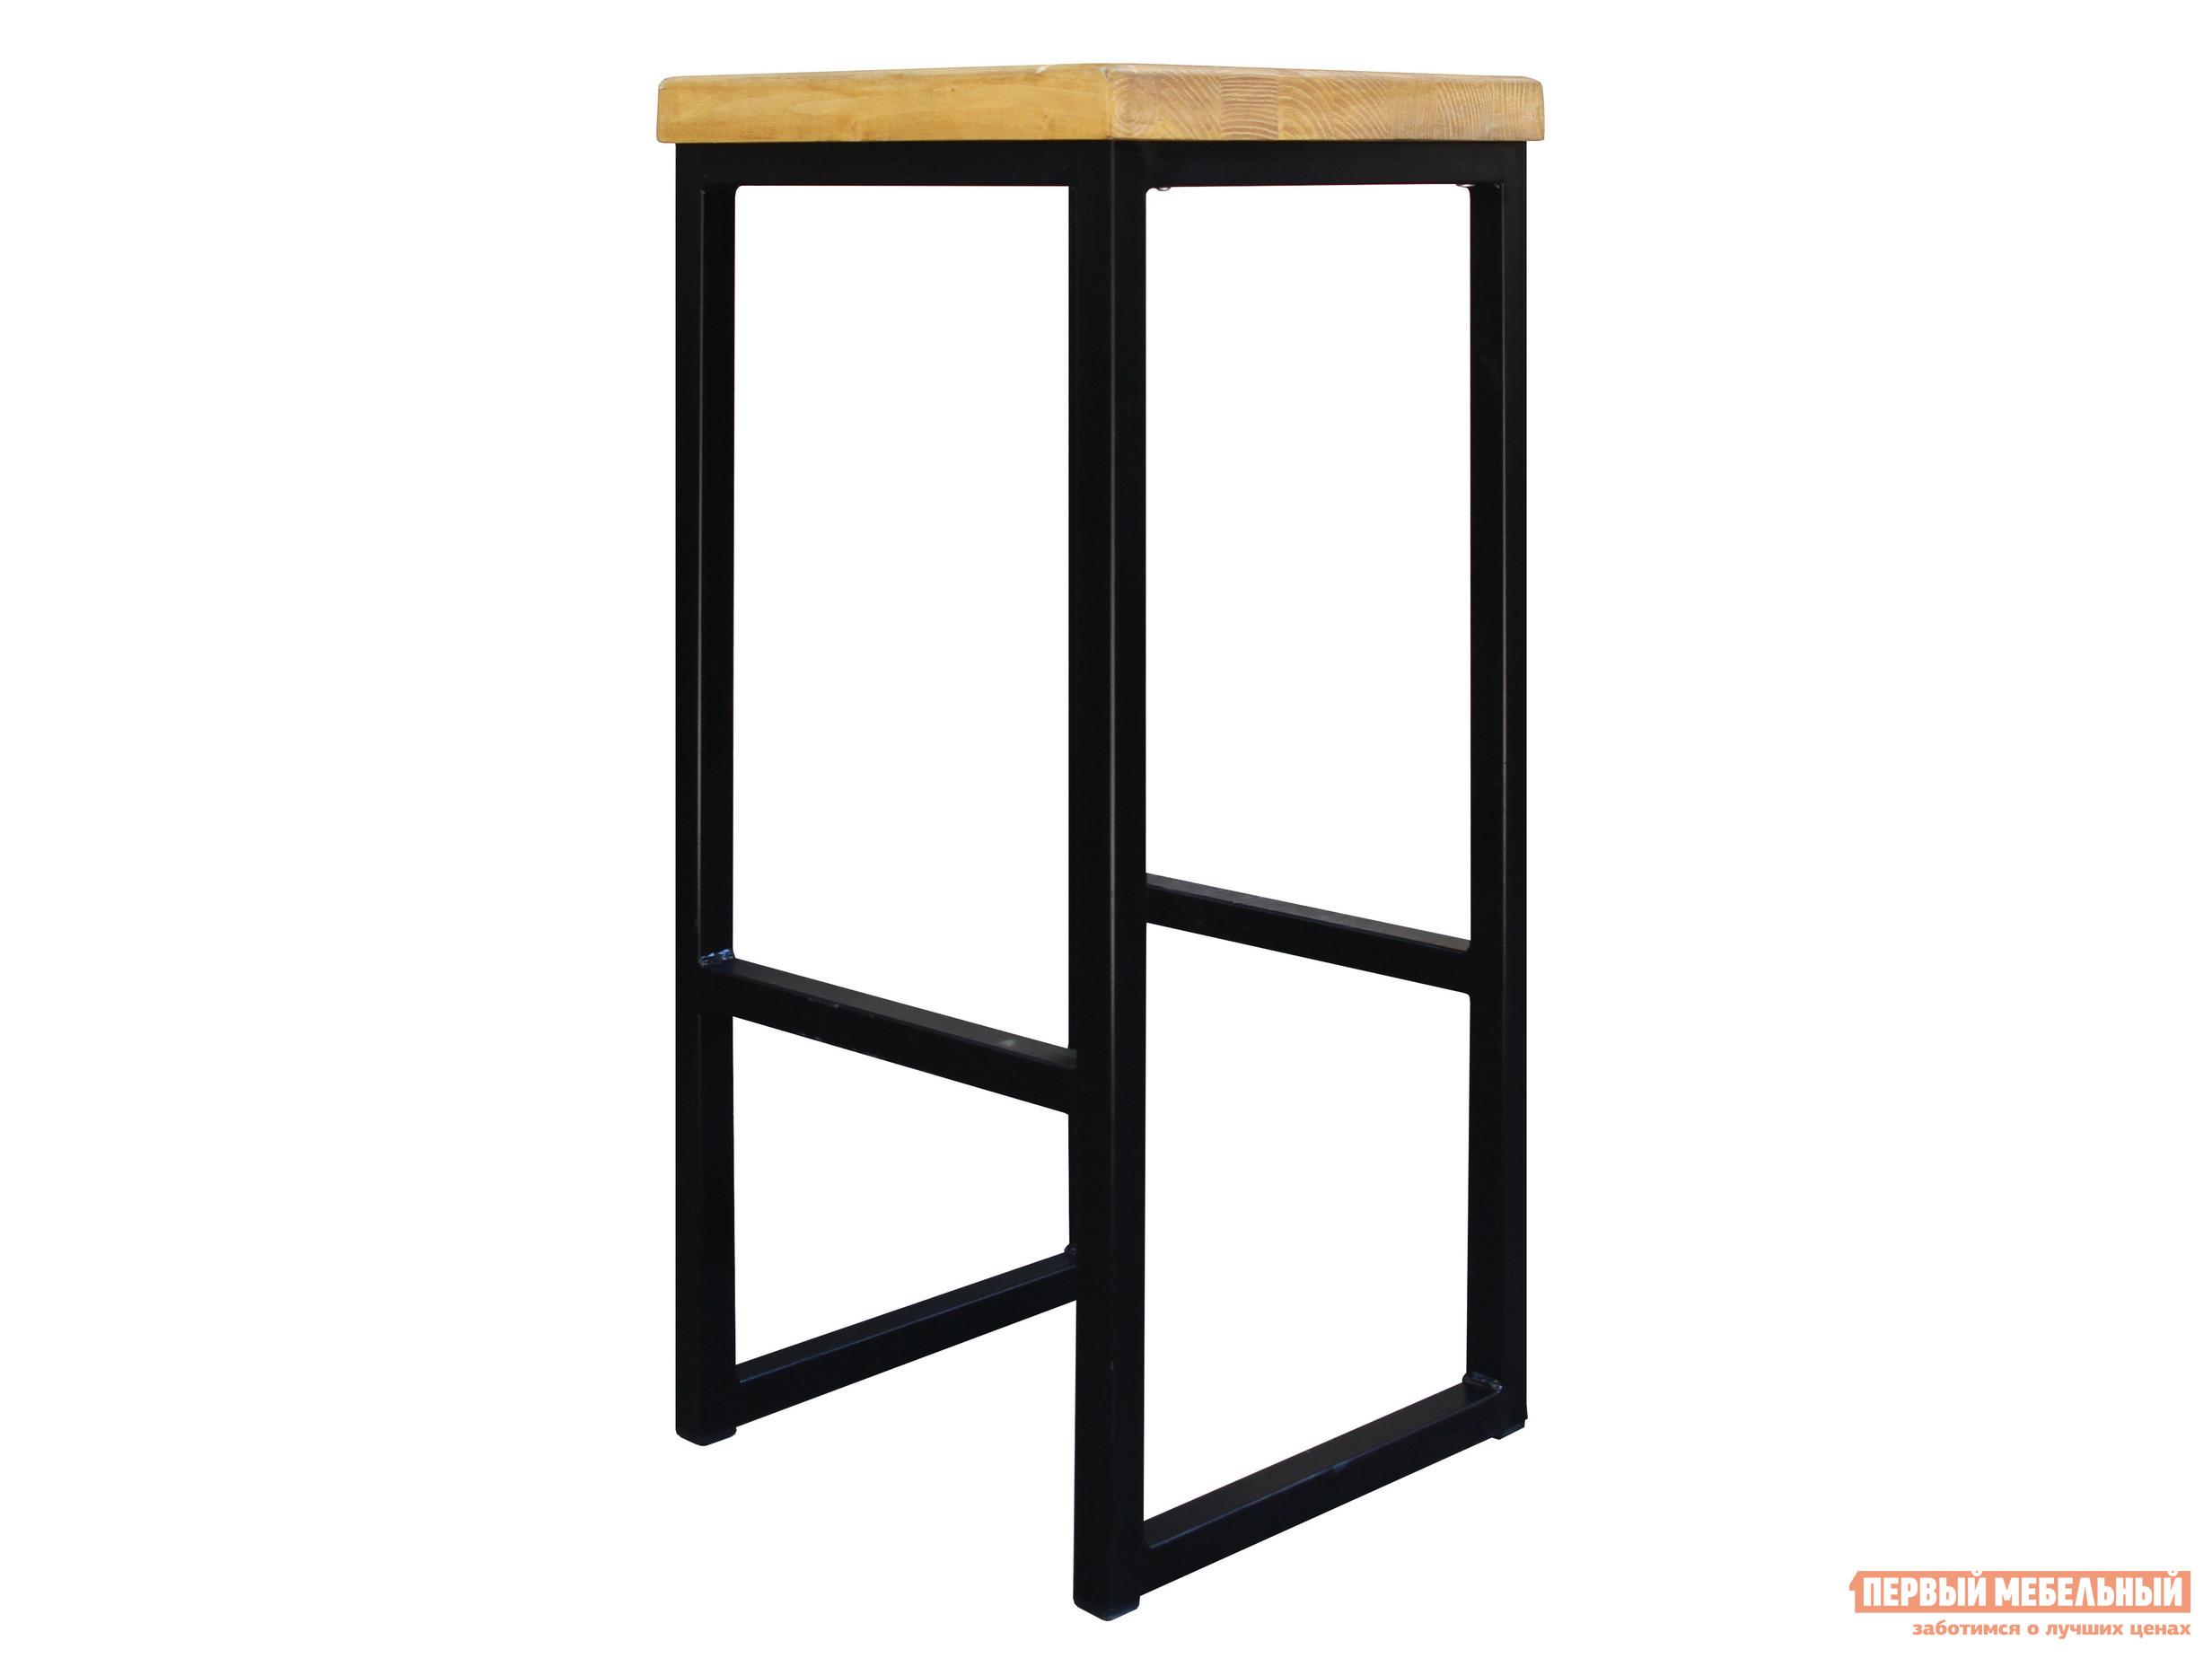 Барный стул Green Mebel Арт 1 Черный / Сосна лак от Купистол